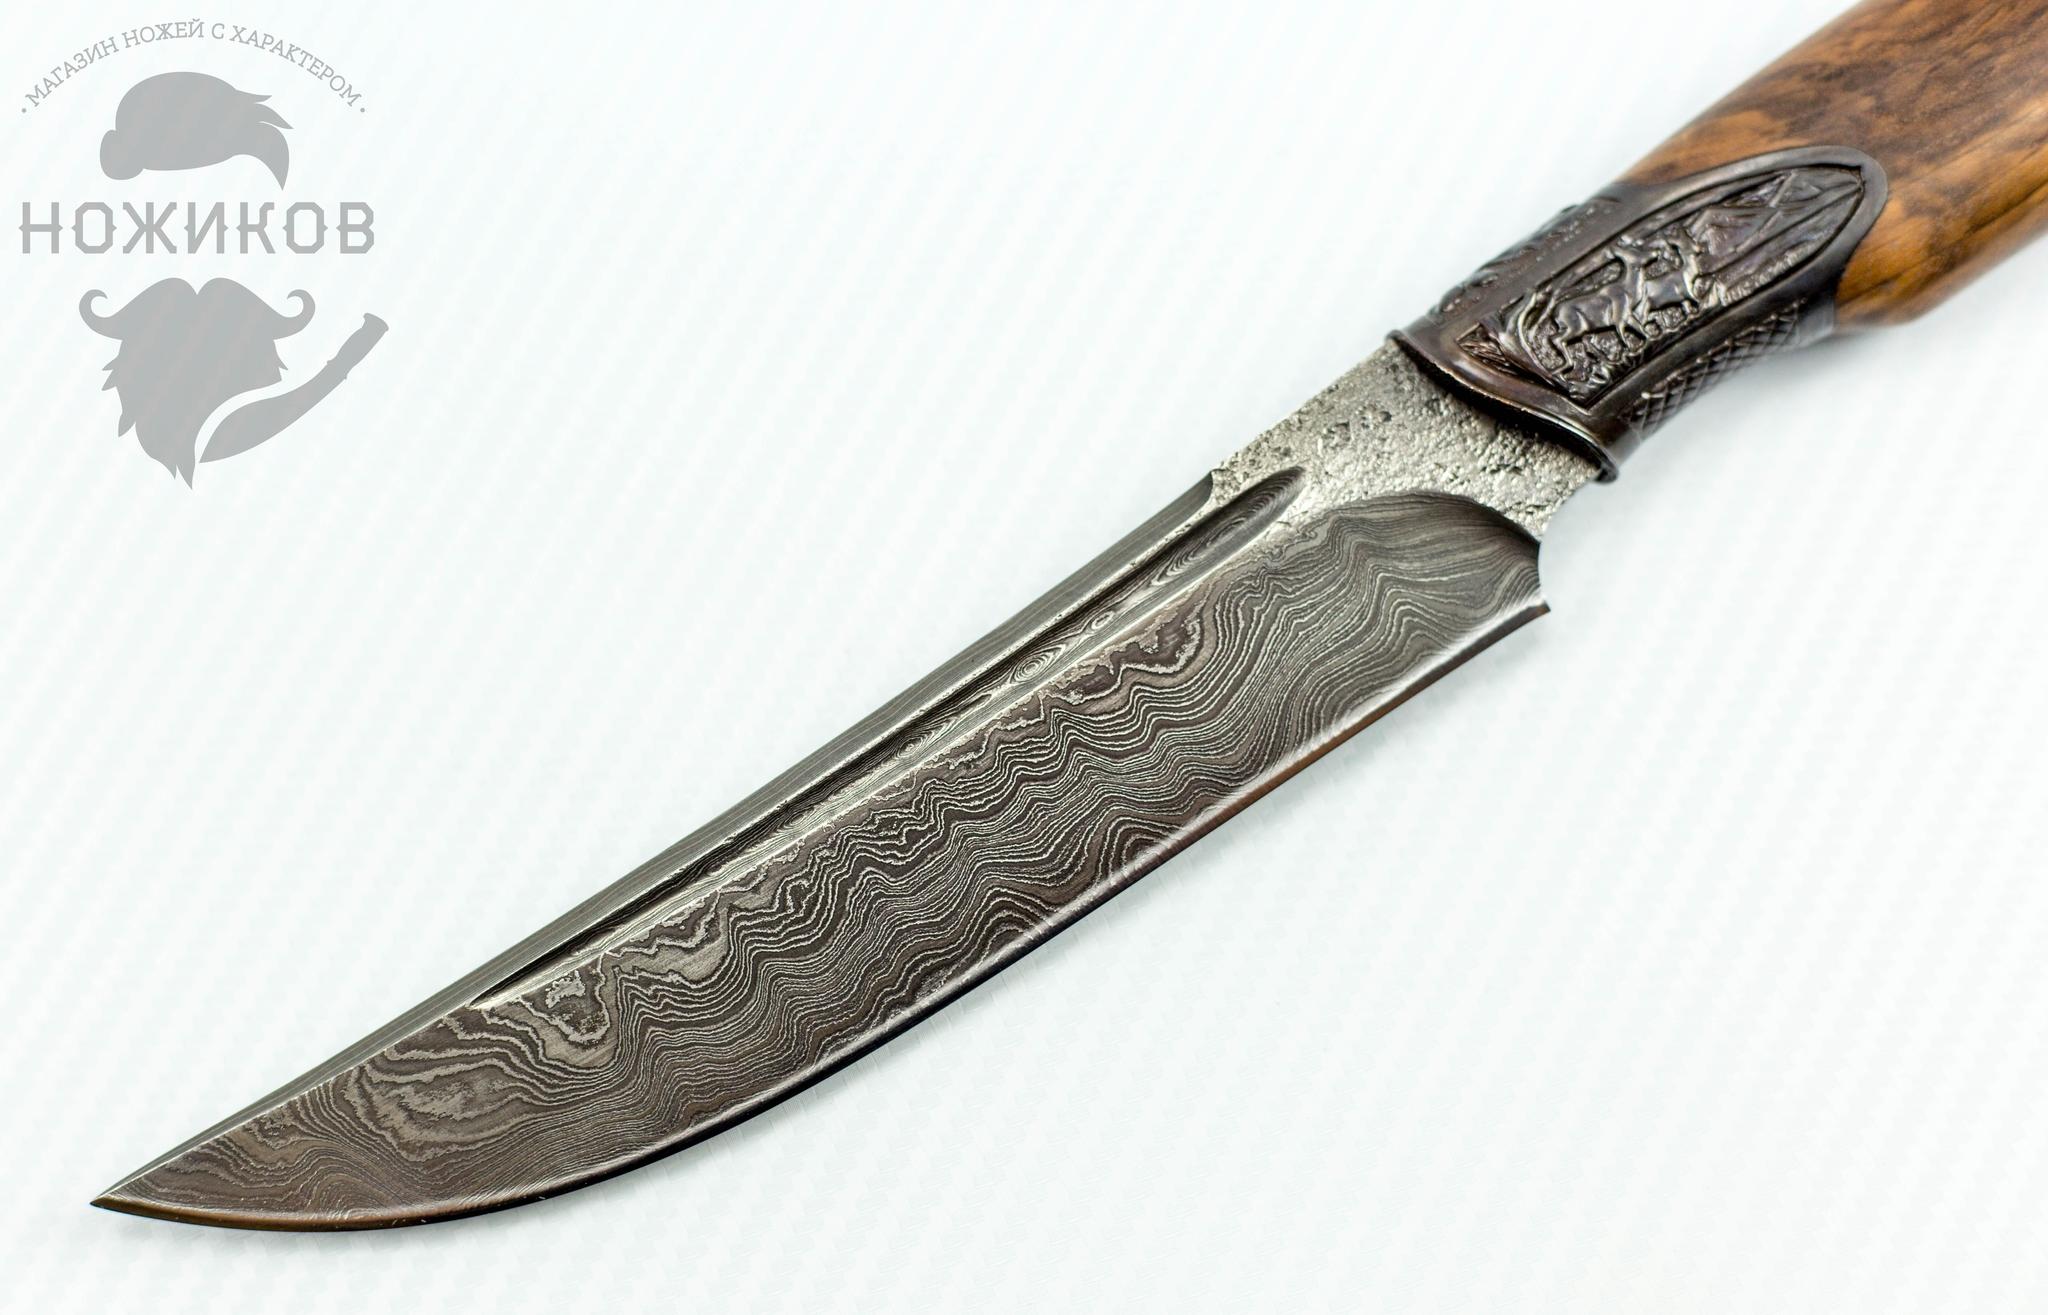 Фото 2 - Авторский Нож из Дамаска №50 от Кизляр